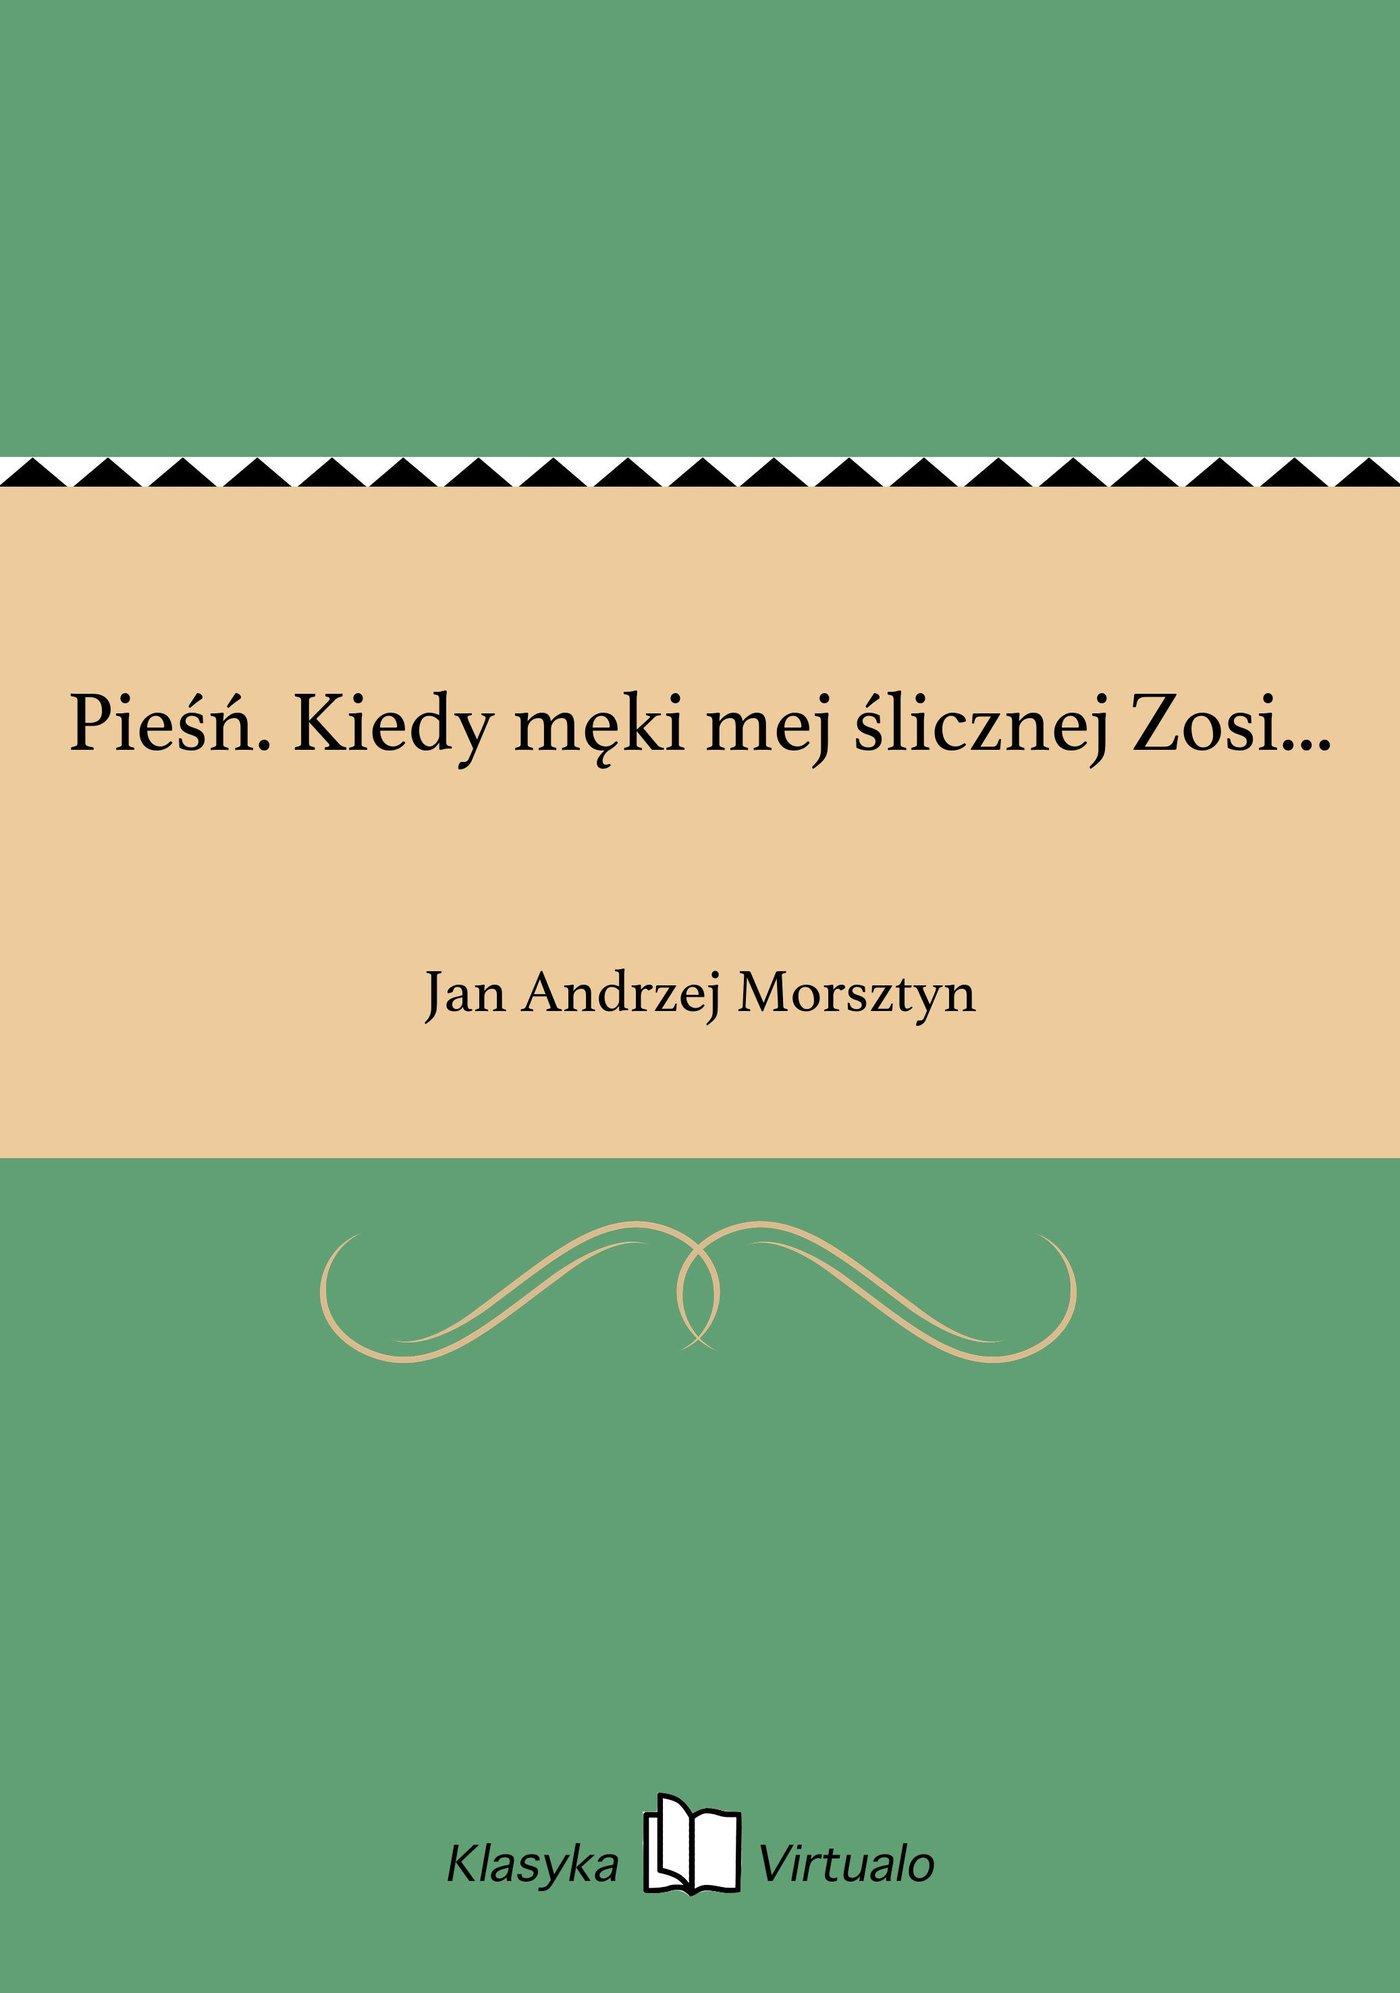 Pieśń. Kiedy męki mej ślicznej Zosi... - Ebook (Książka EPUB) do pobrania w formacie EPUB